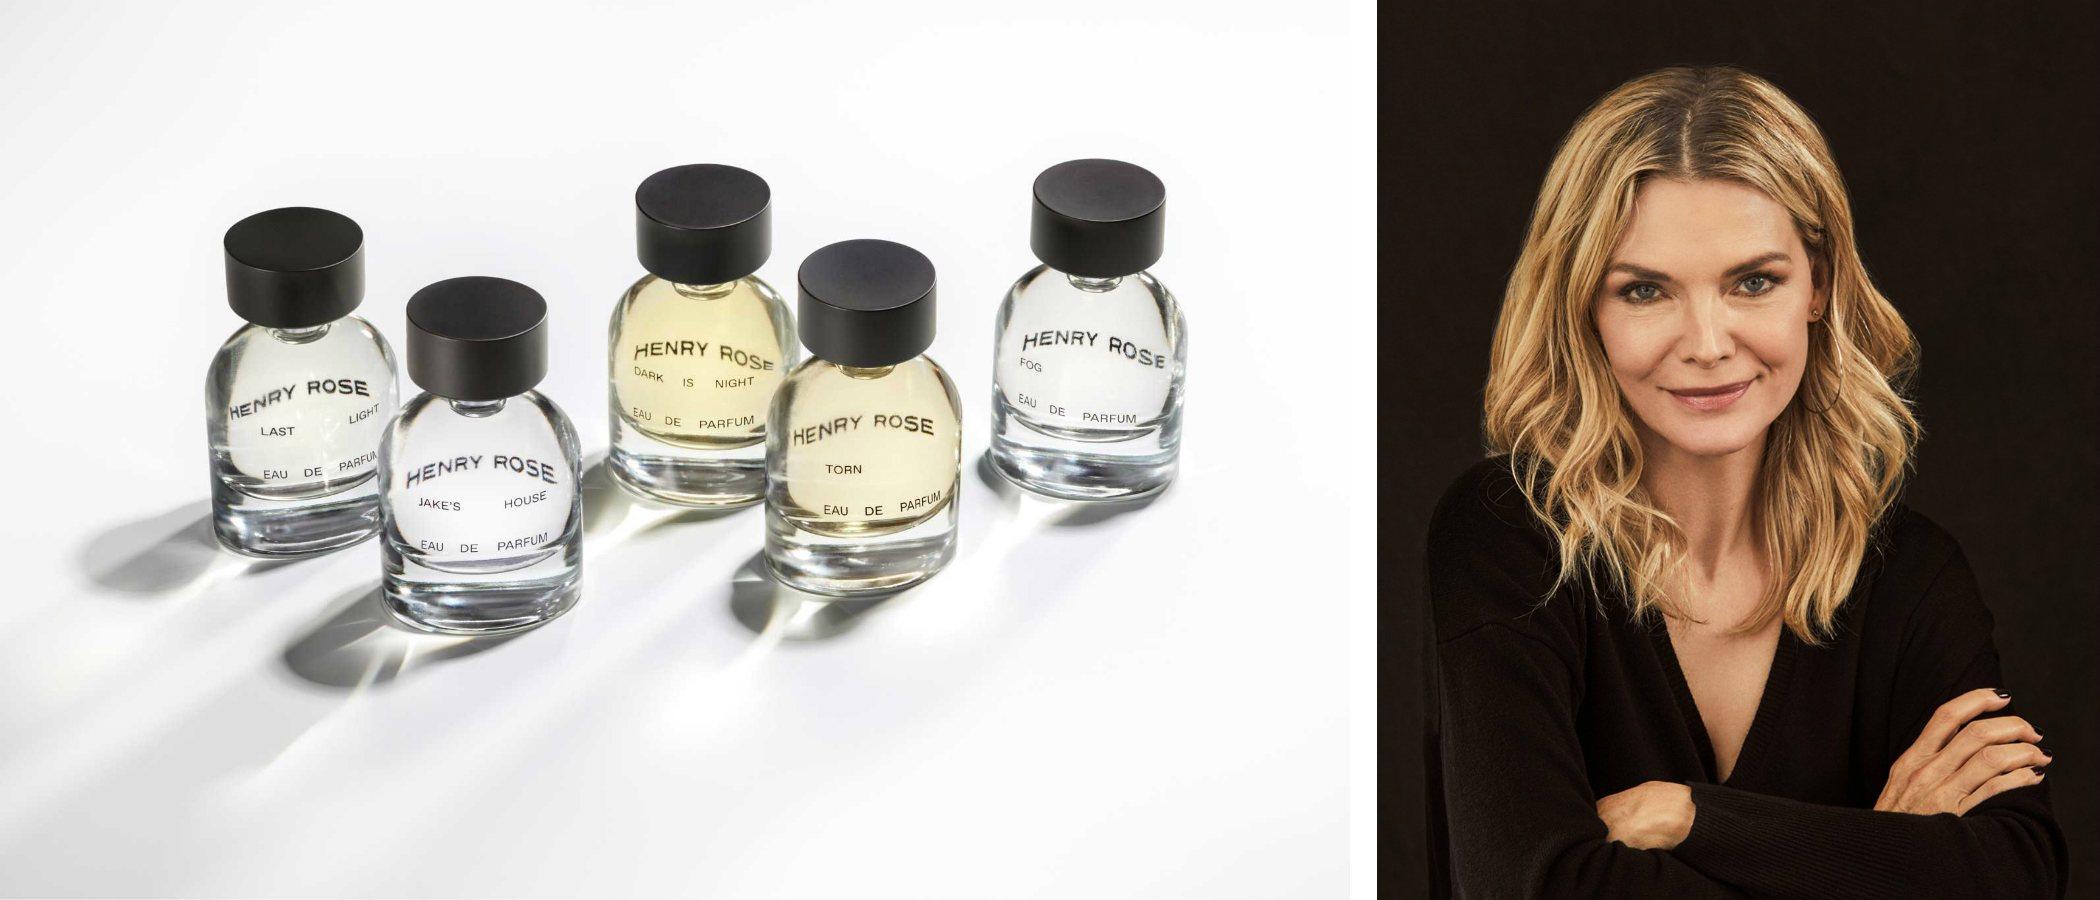 Michelle Pfeiffer presenta su marca de perfumes Henry Rose con una colección de cinco fragancias unisex